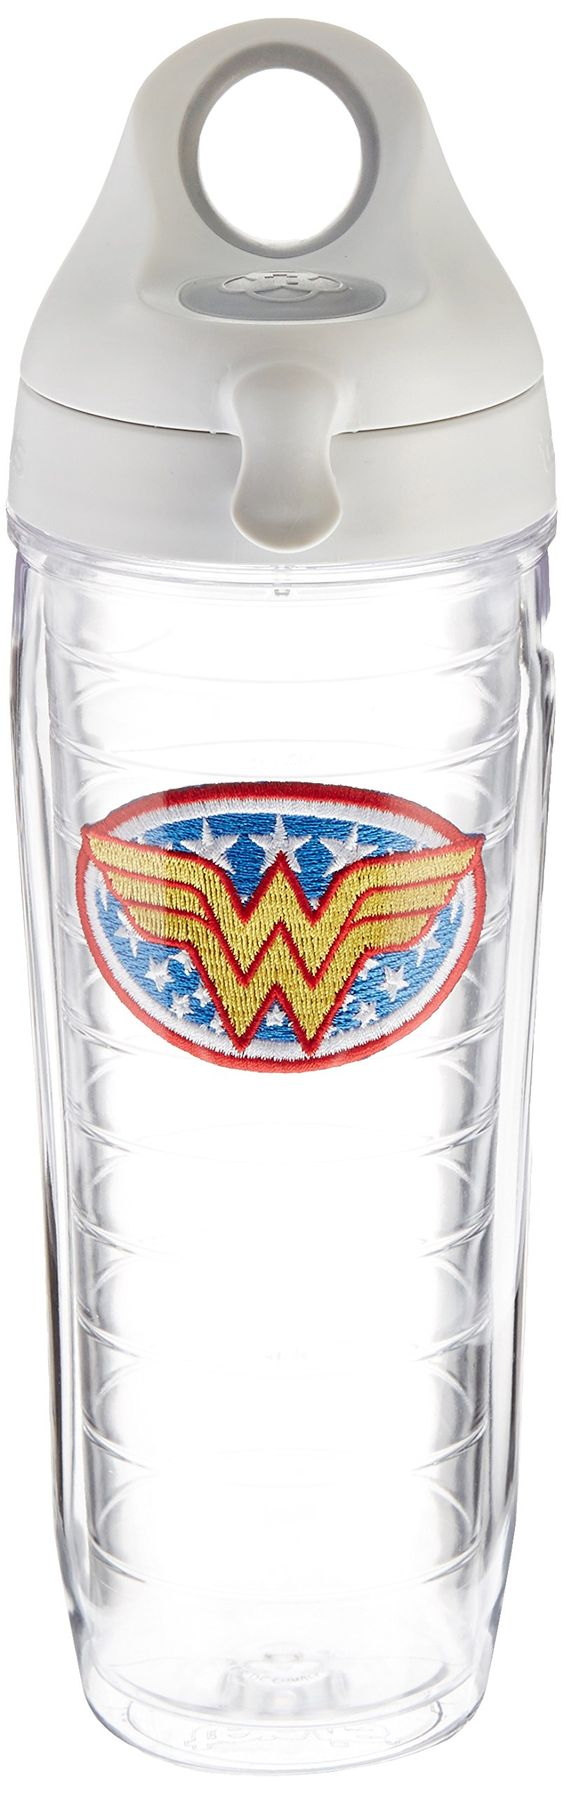 Freezer Dishwasher Microwave Safe Construction Free Tervis Warner Bottle Wonder Woman Oval Polyester Bpa